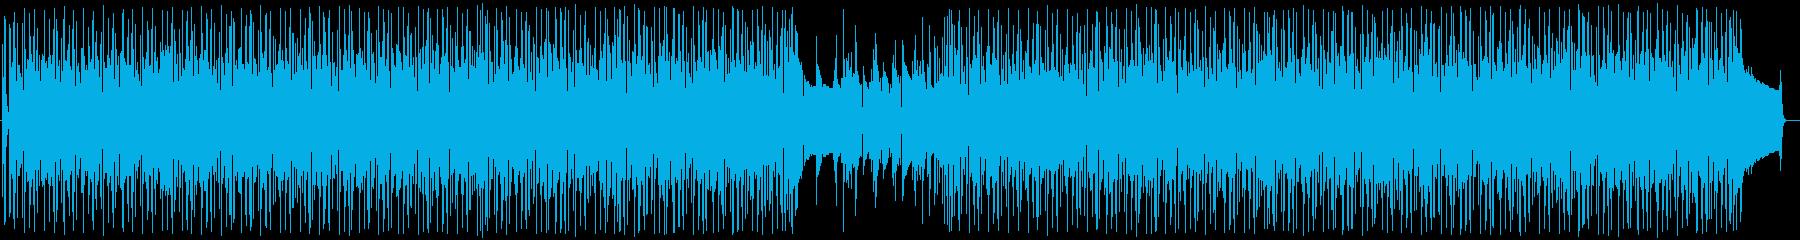 軽快でうきうきわくわくするポップな曲の再生済みの波形